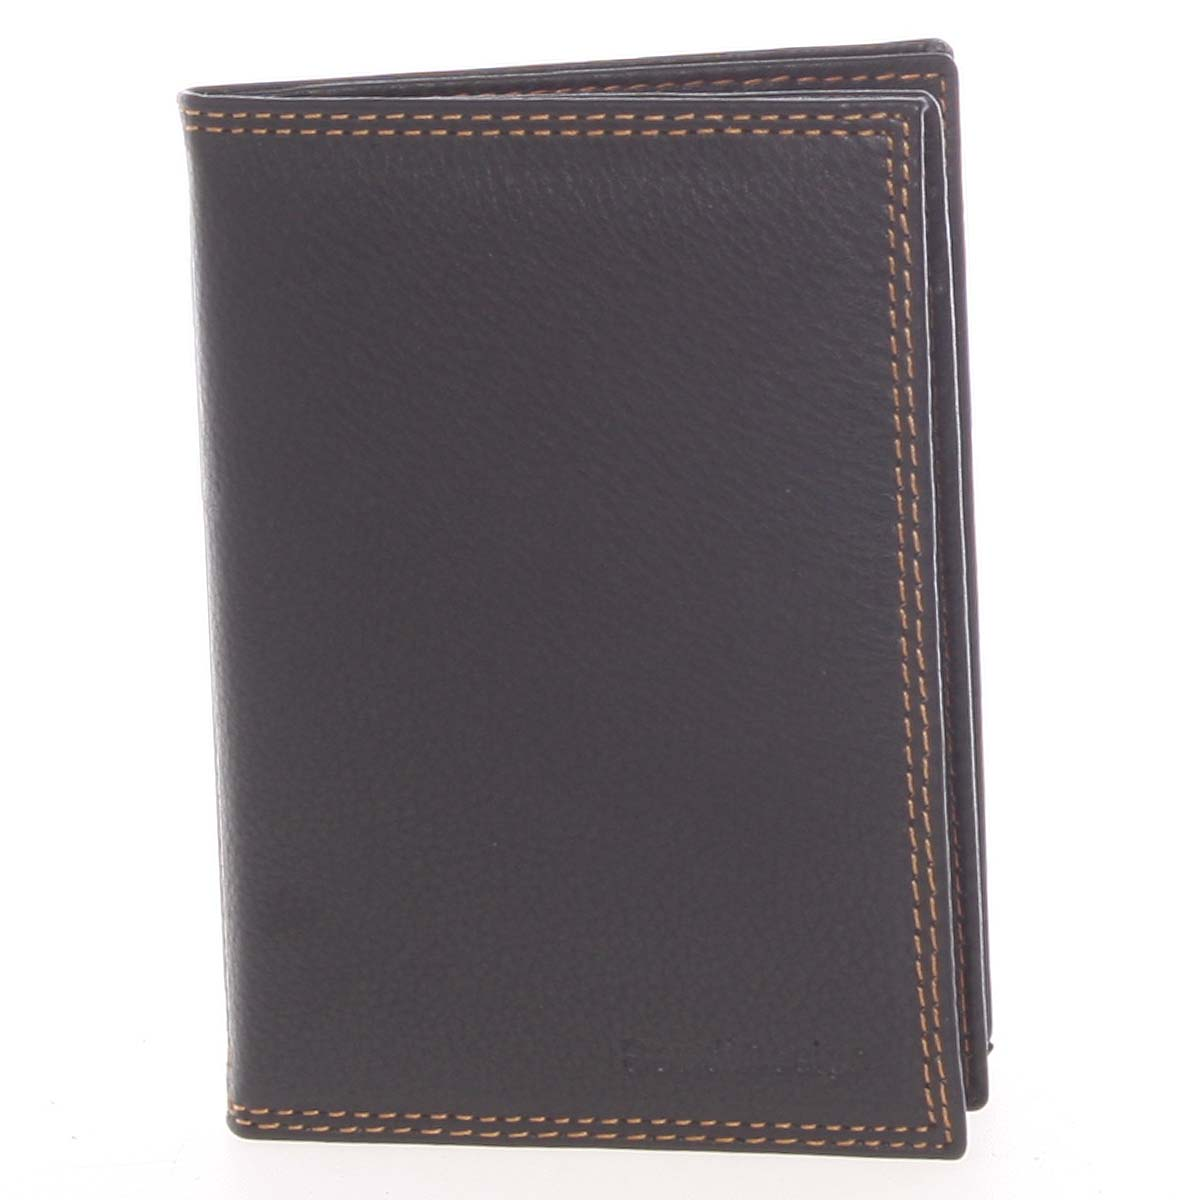 Luxusná pánska kožená čierna prešívaná dokladovka - SendiDesign Rhesus